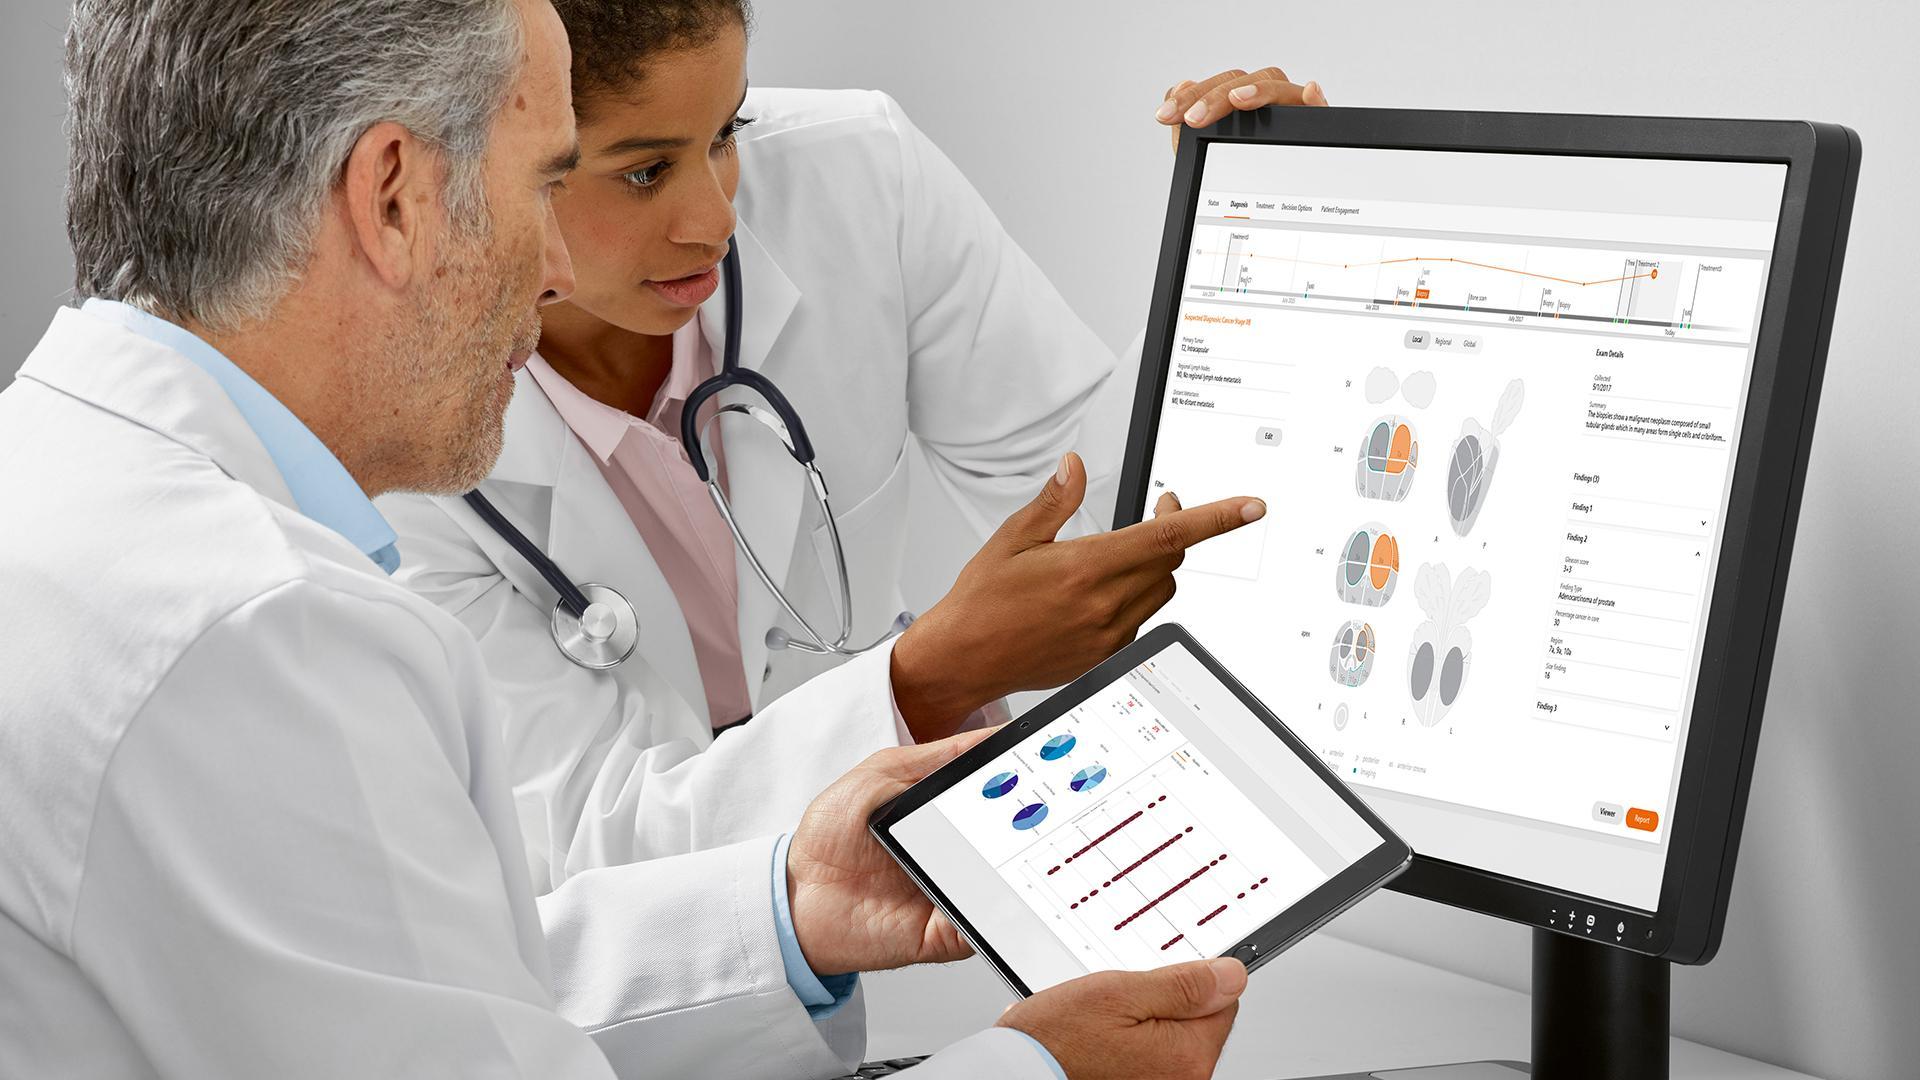 Comment l'IA contribue-t-elle à placer le patient au centre du traitement du cancer de la prostate ?